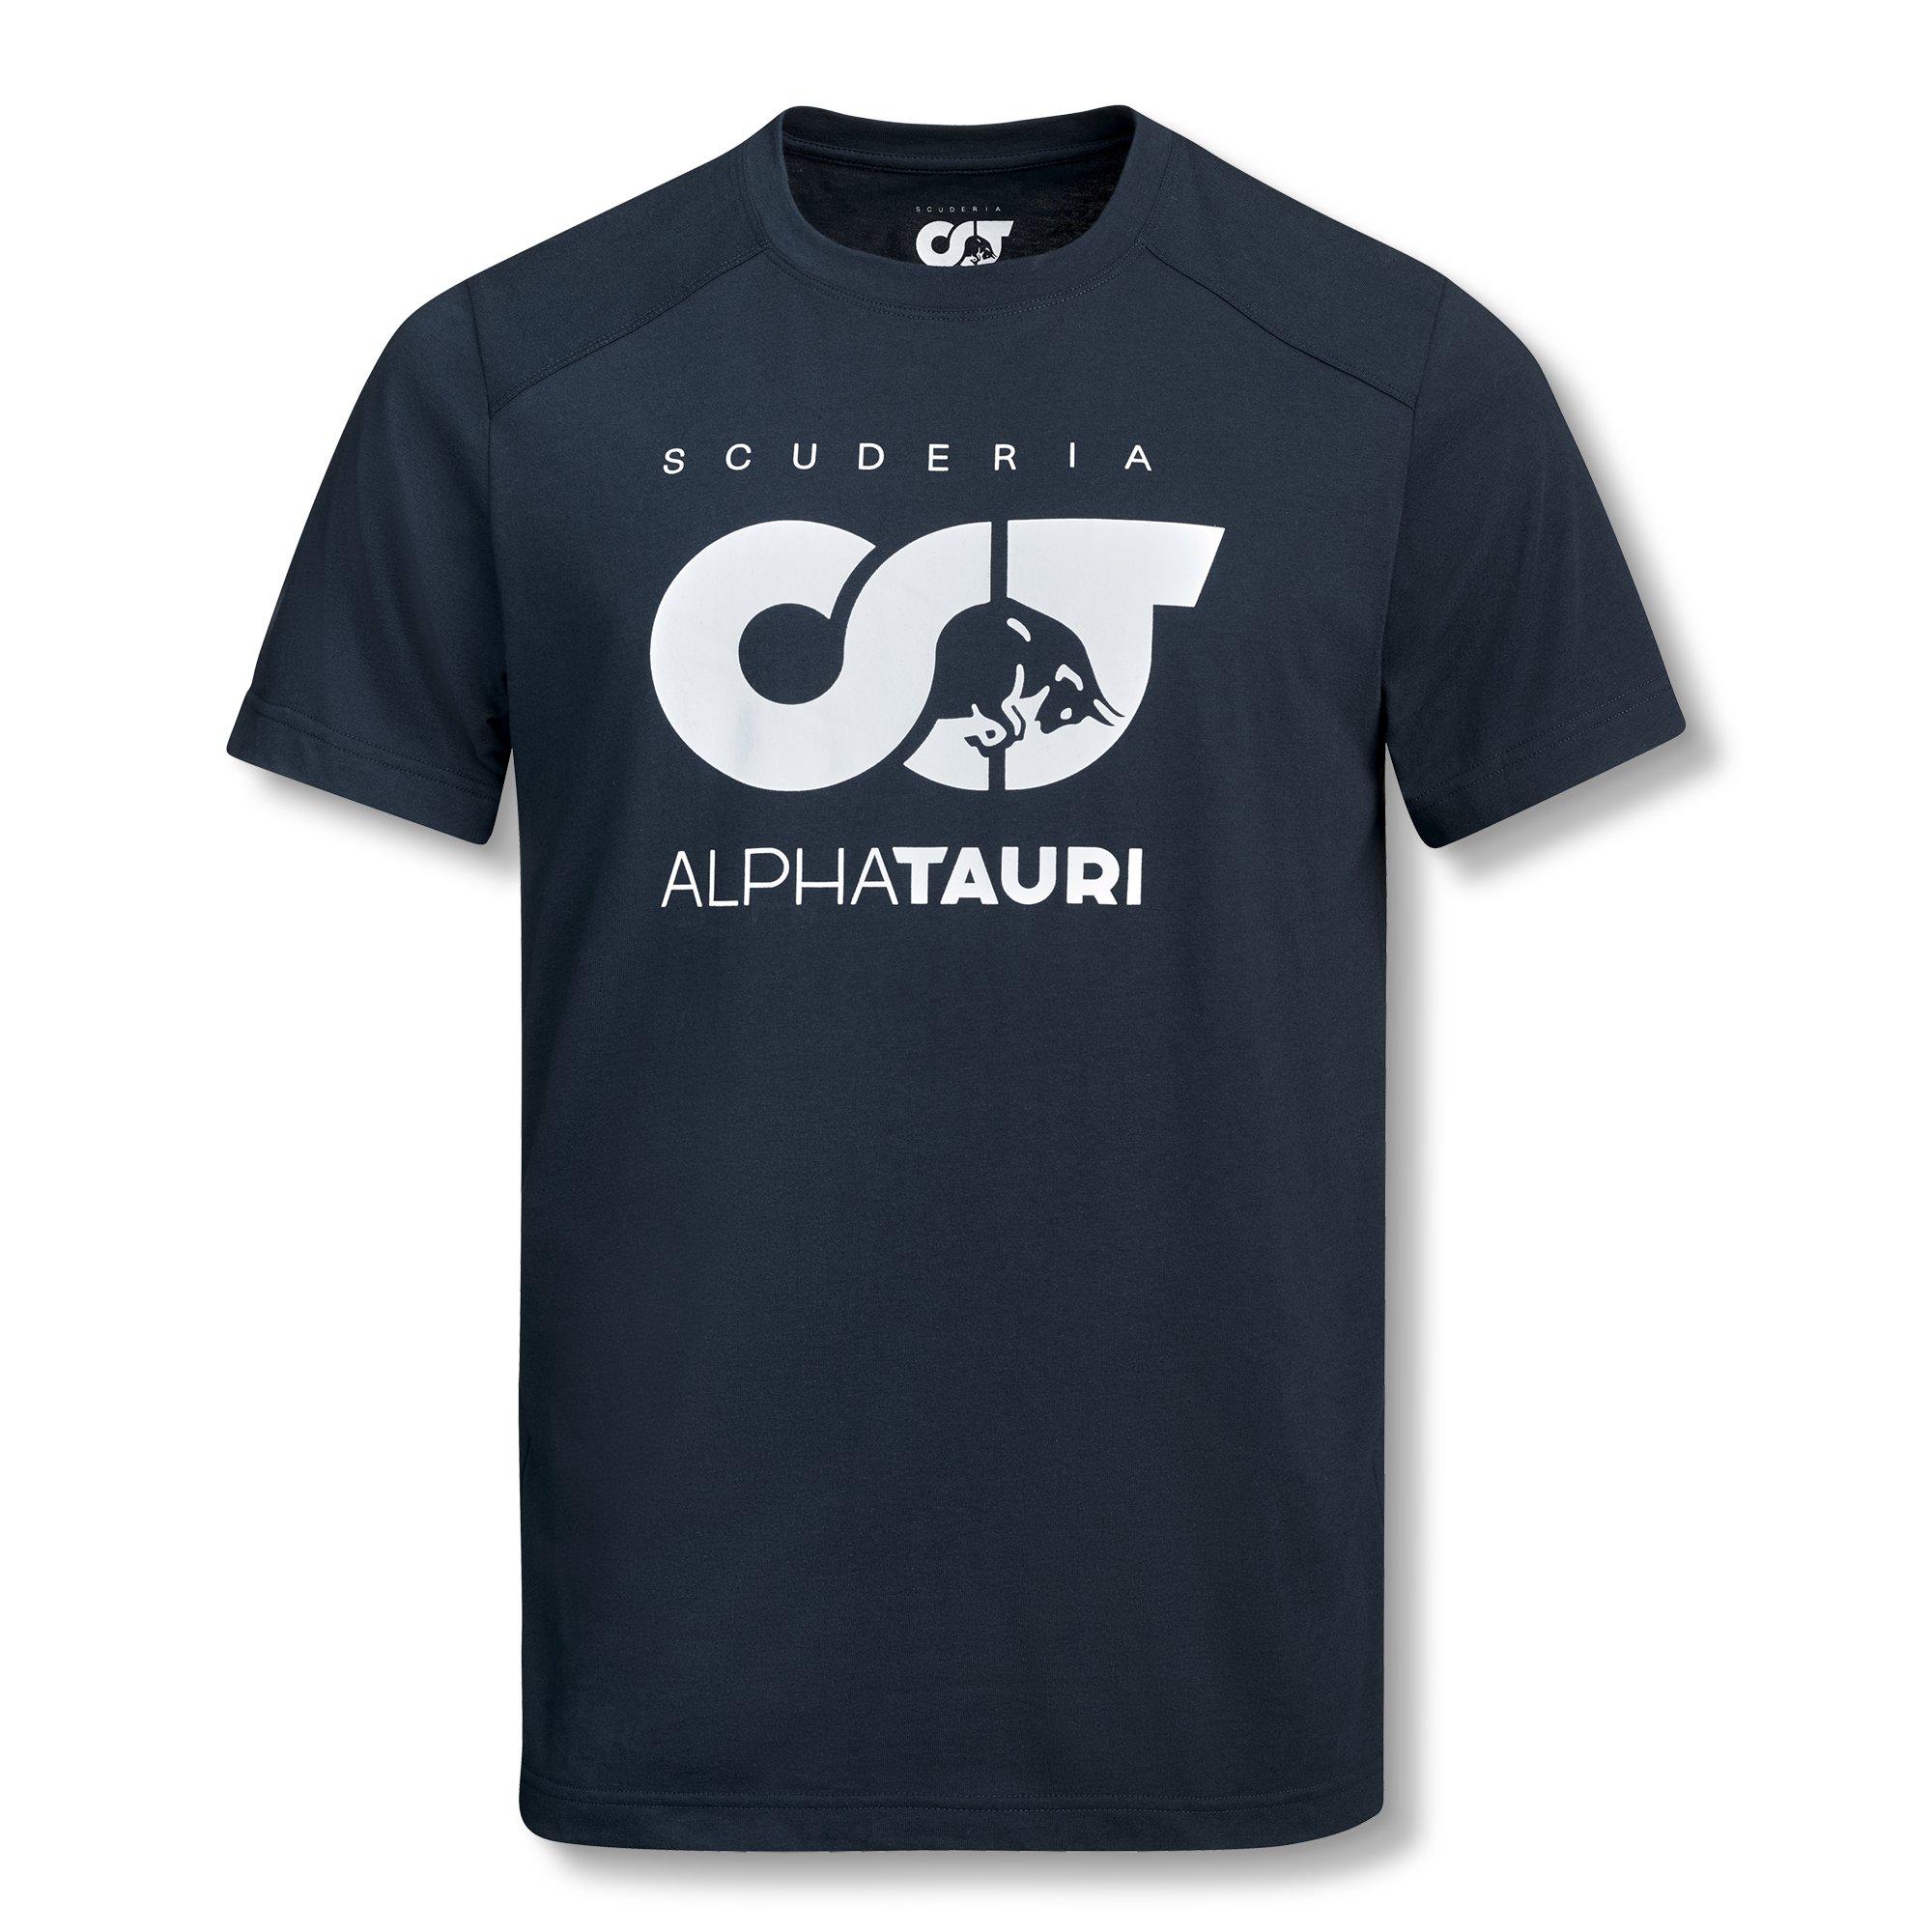 2020 スクーデリア アルファタウリ ホンダ チームロゴ Tシャツ ネイビー画像